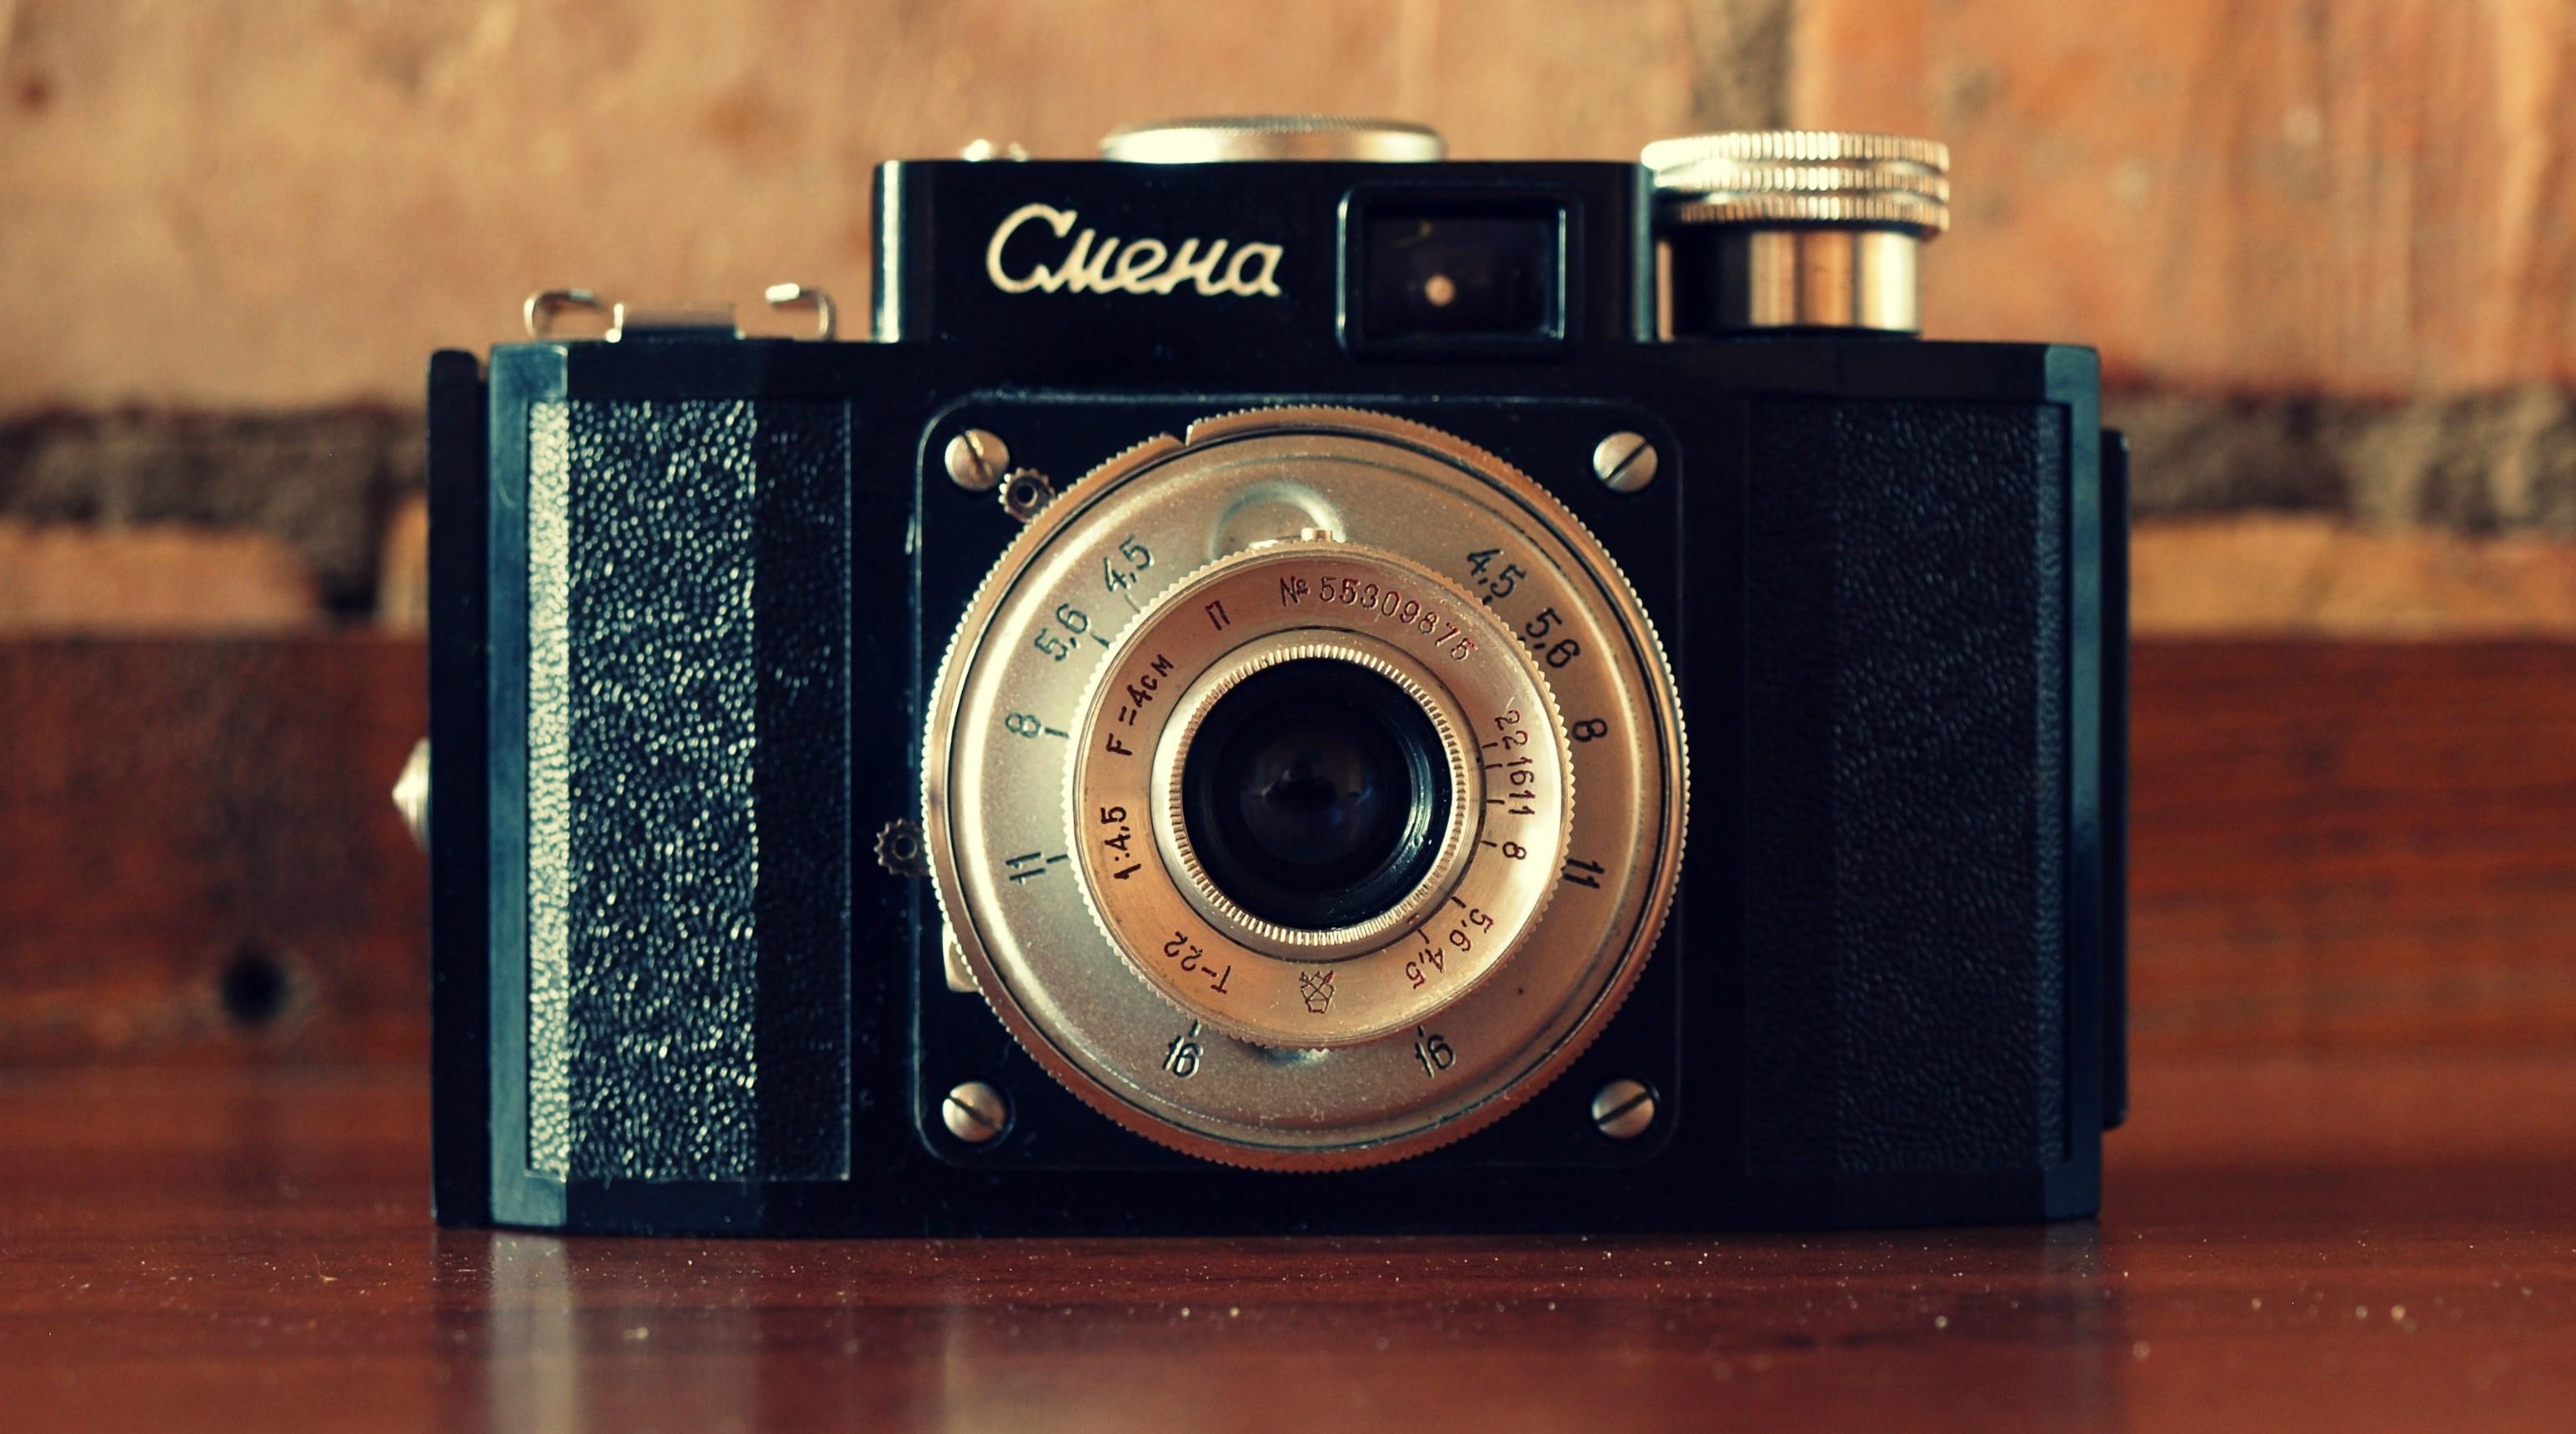 фотоаппарат четкость снимков вам побывать